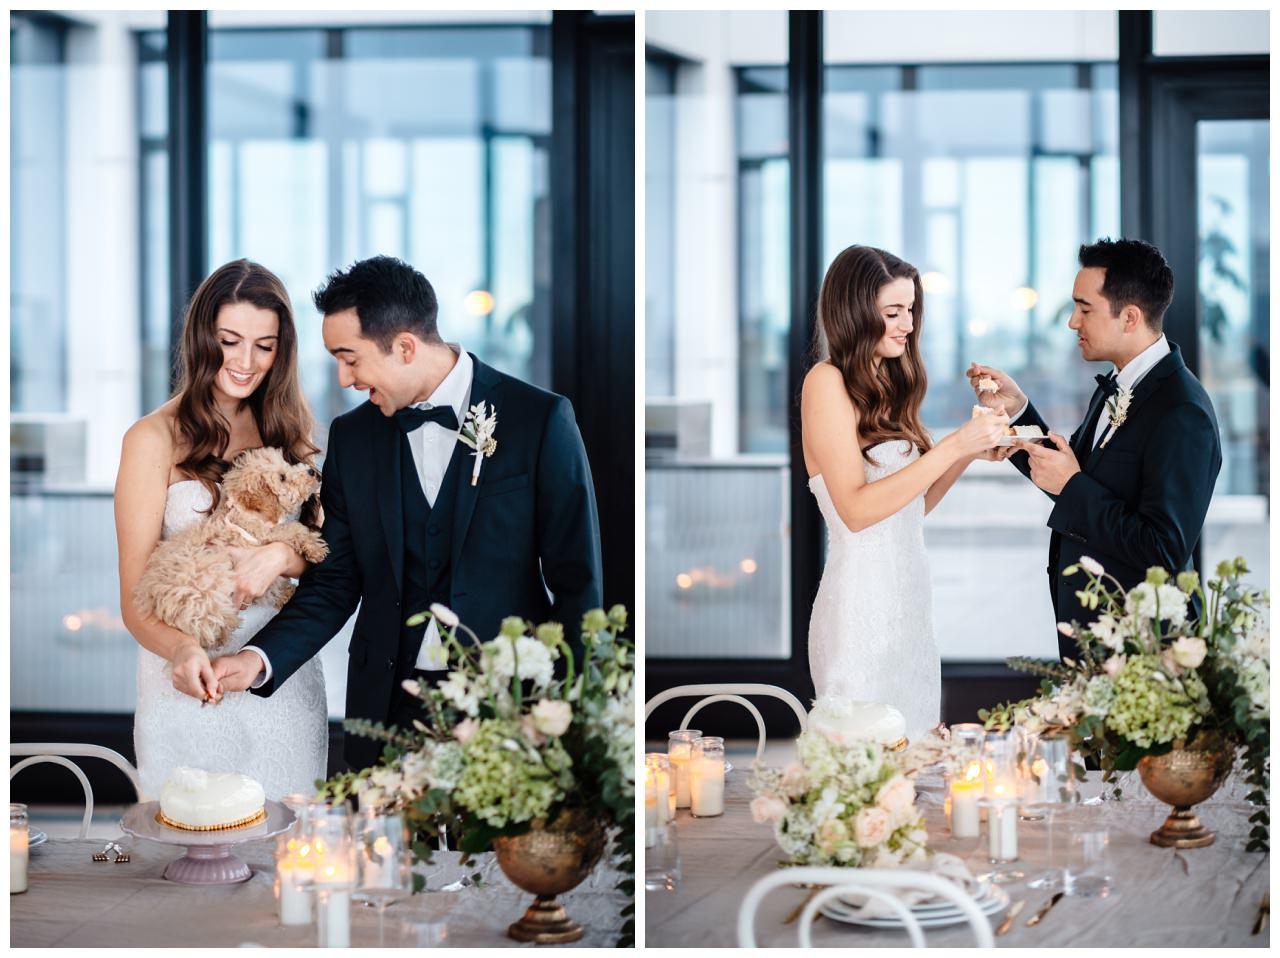 hochzeitsfotos düsseldorf hochzeitsfotograf shooting hund haustier 36 - Hochzeitsfotos in Düsseldorf